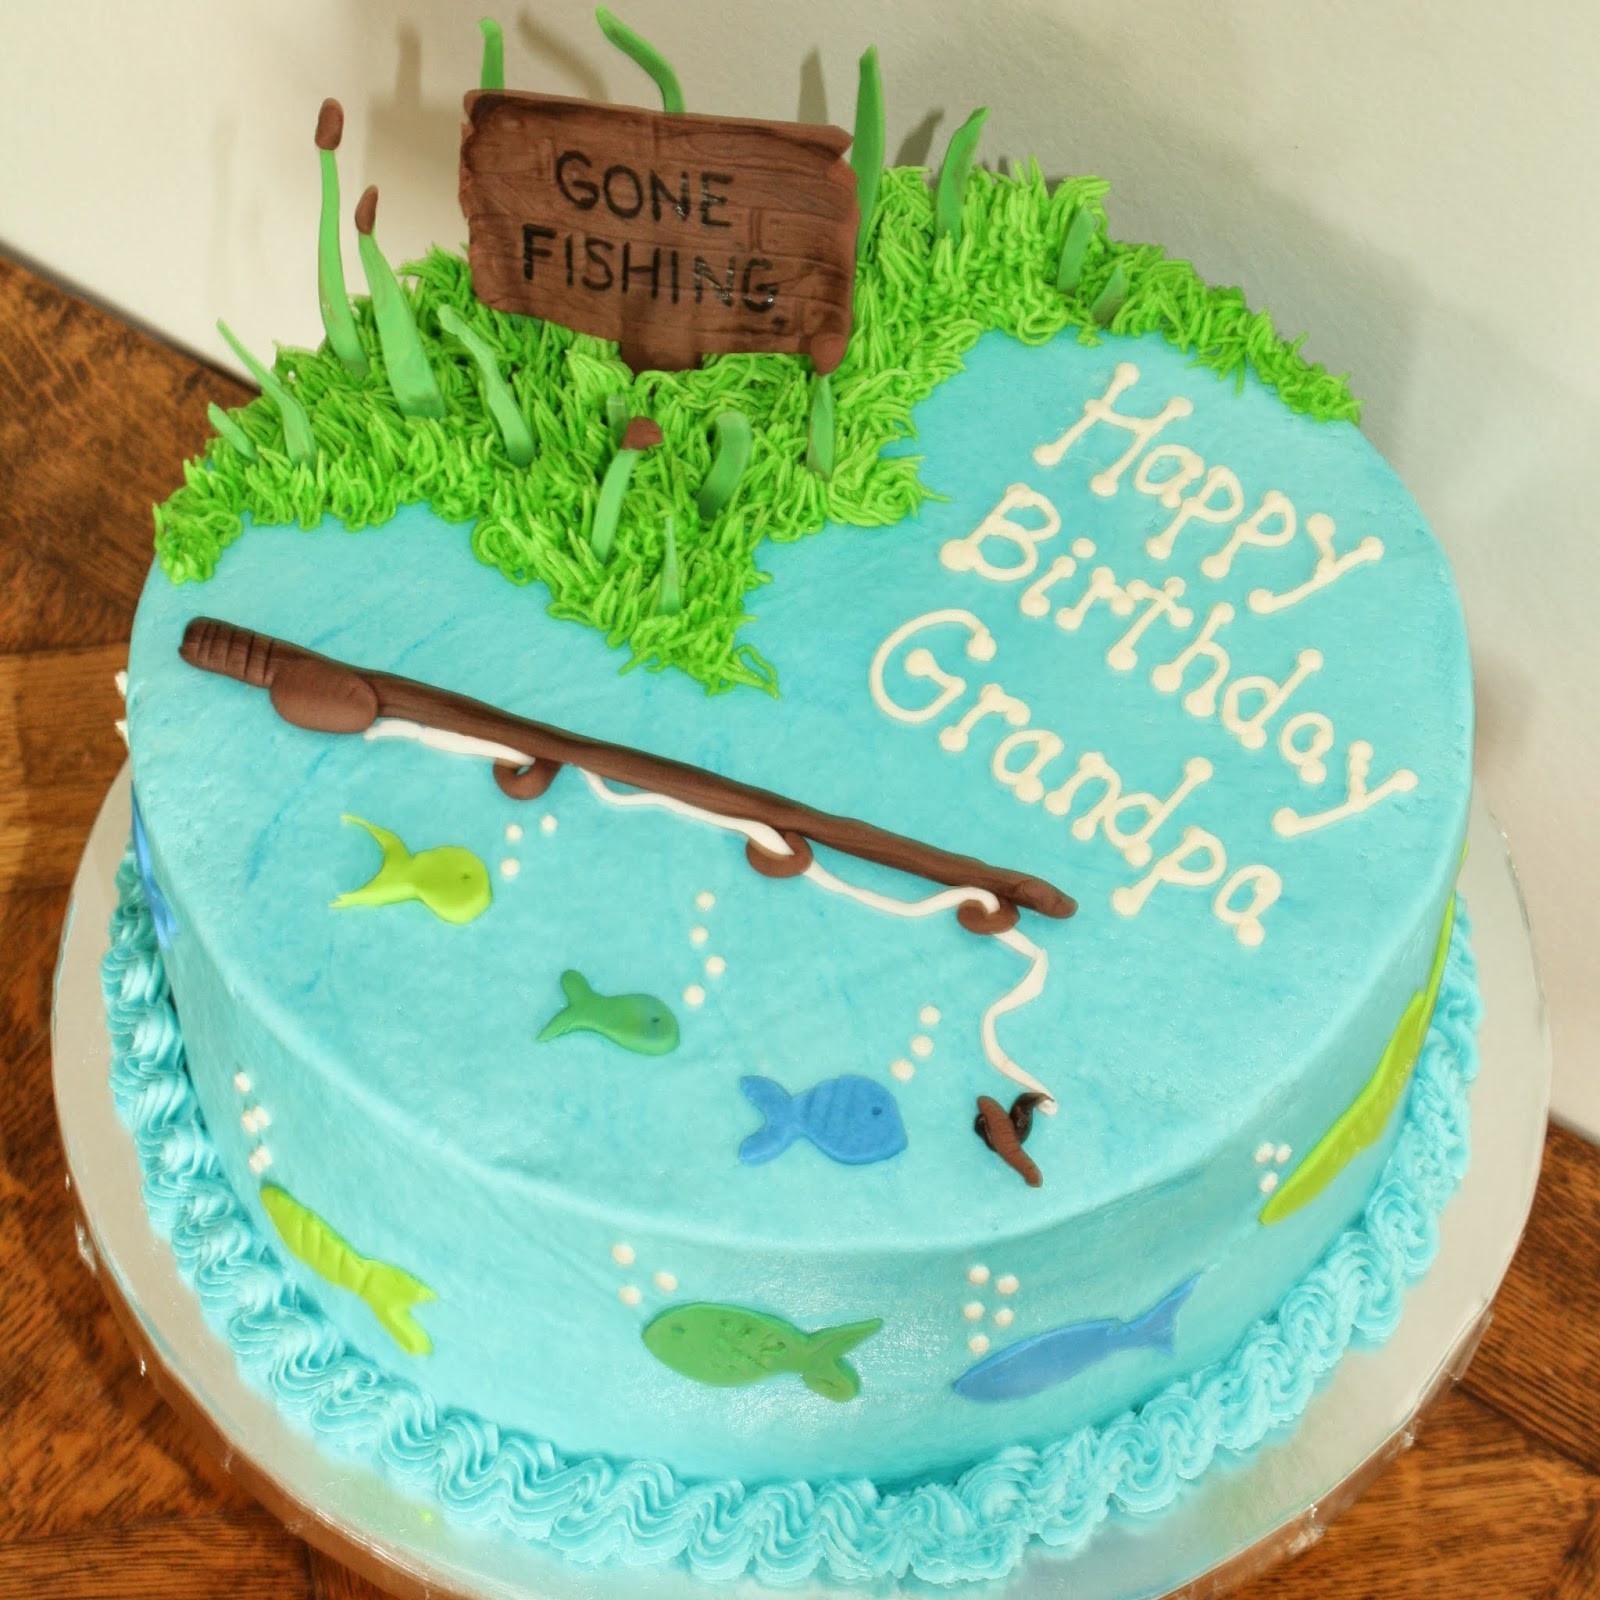 Fishing Birthday Cakes  Kake Gone Fishing Cake